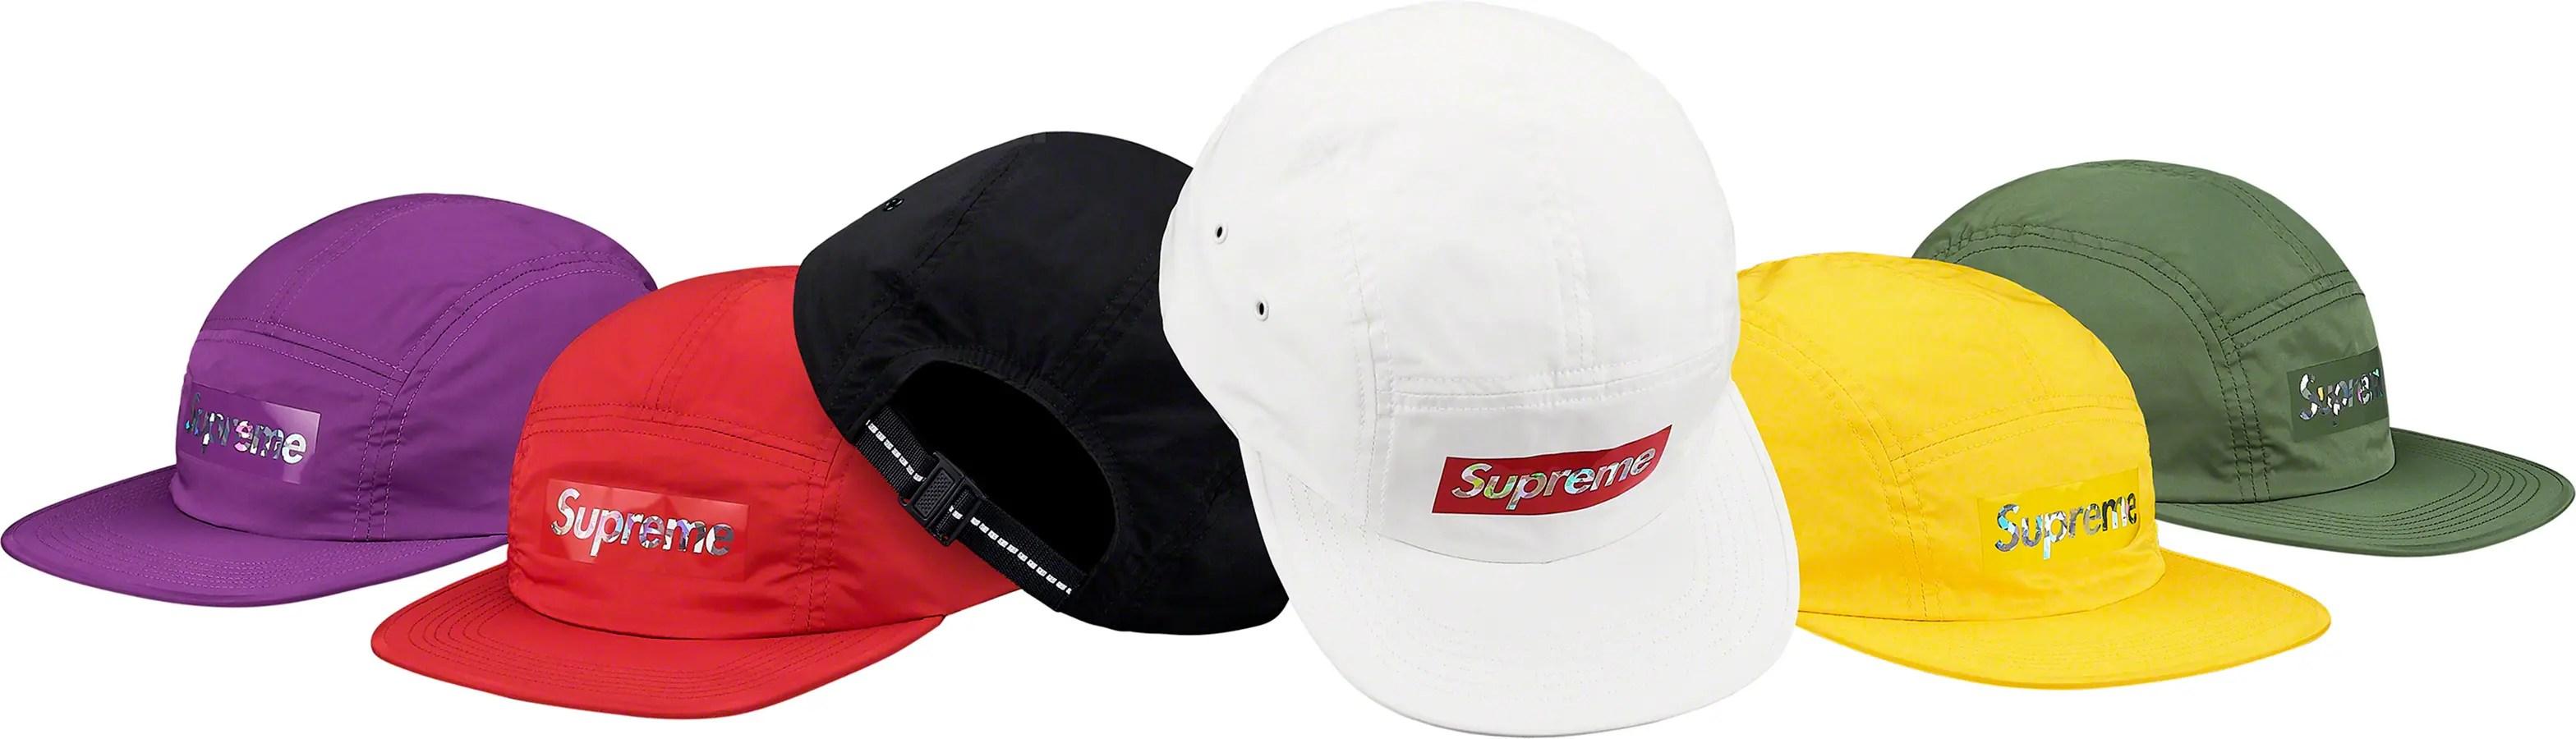 【ハット キャップ/HATS CAPS まとめ】 シュプリーム (SUPREME) 2019 SPRING/SUMMER コレクション (2019年 春夏)